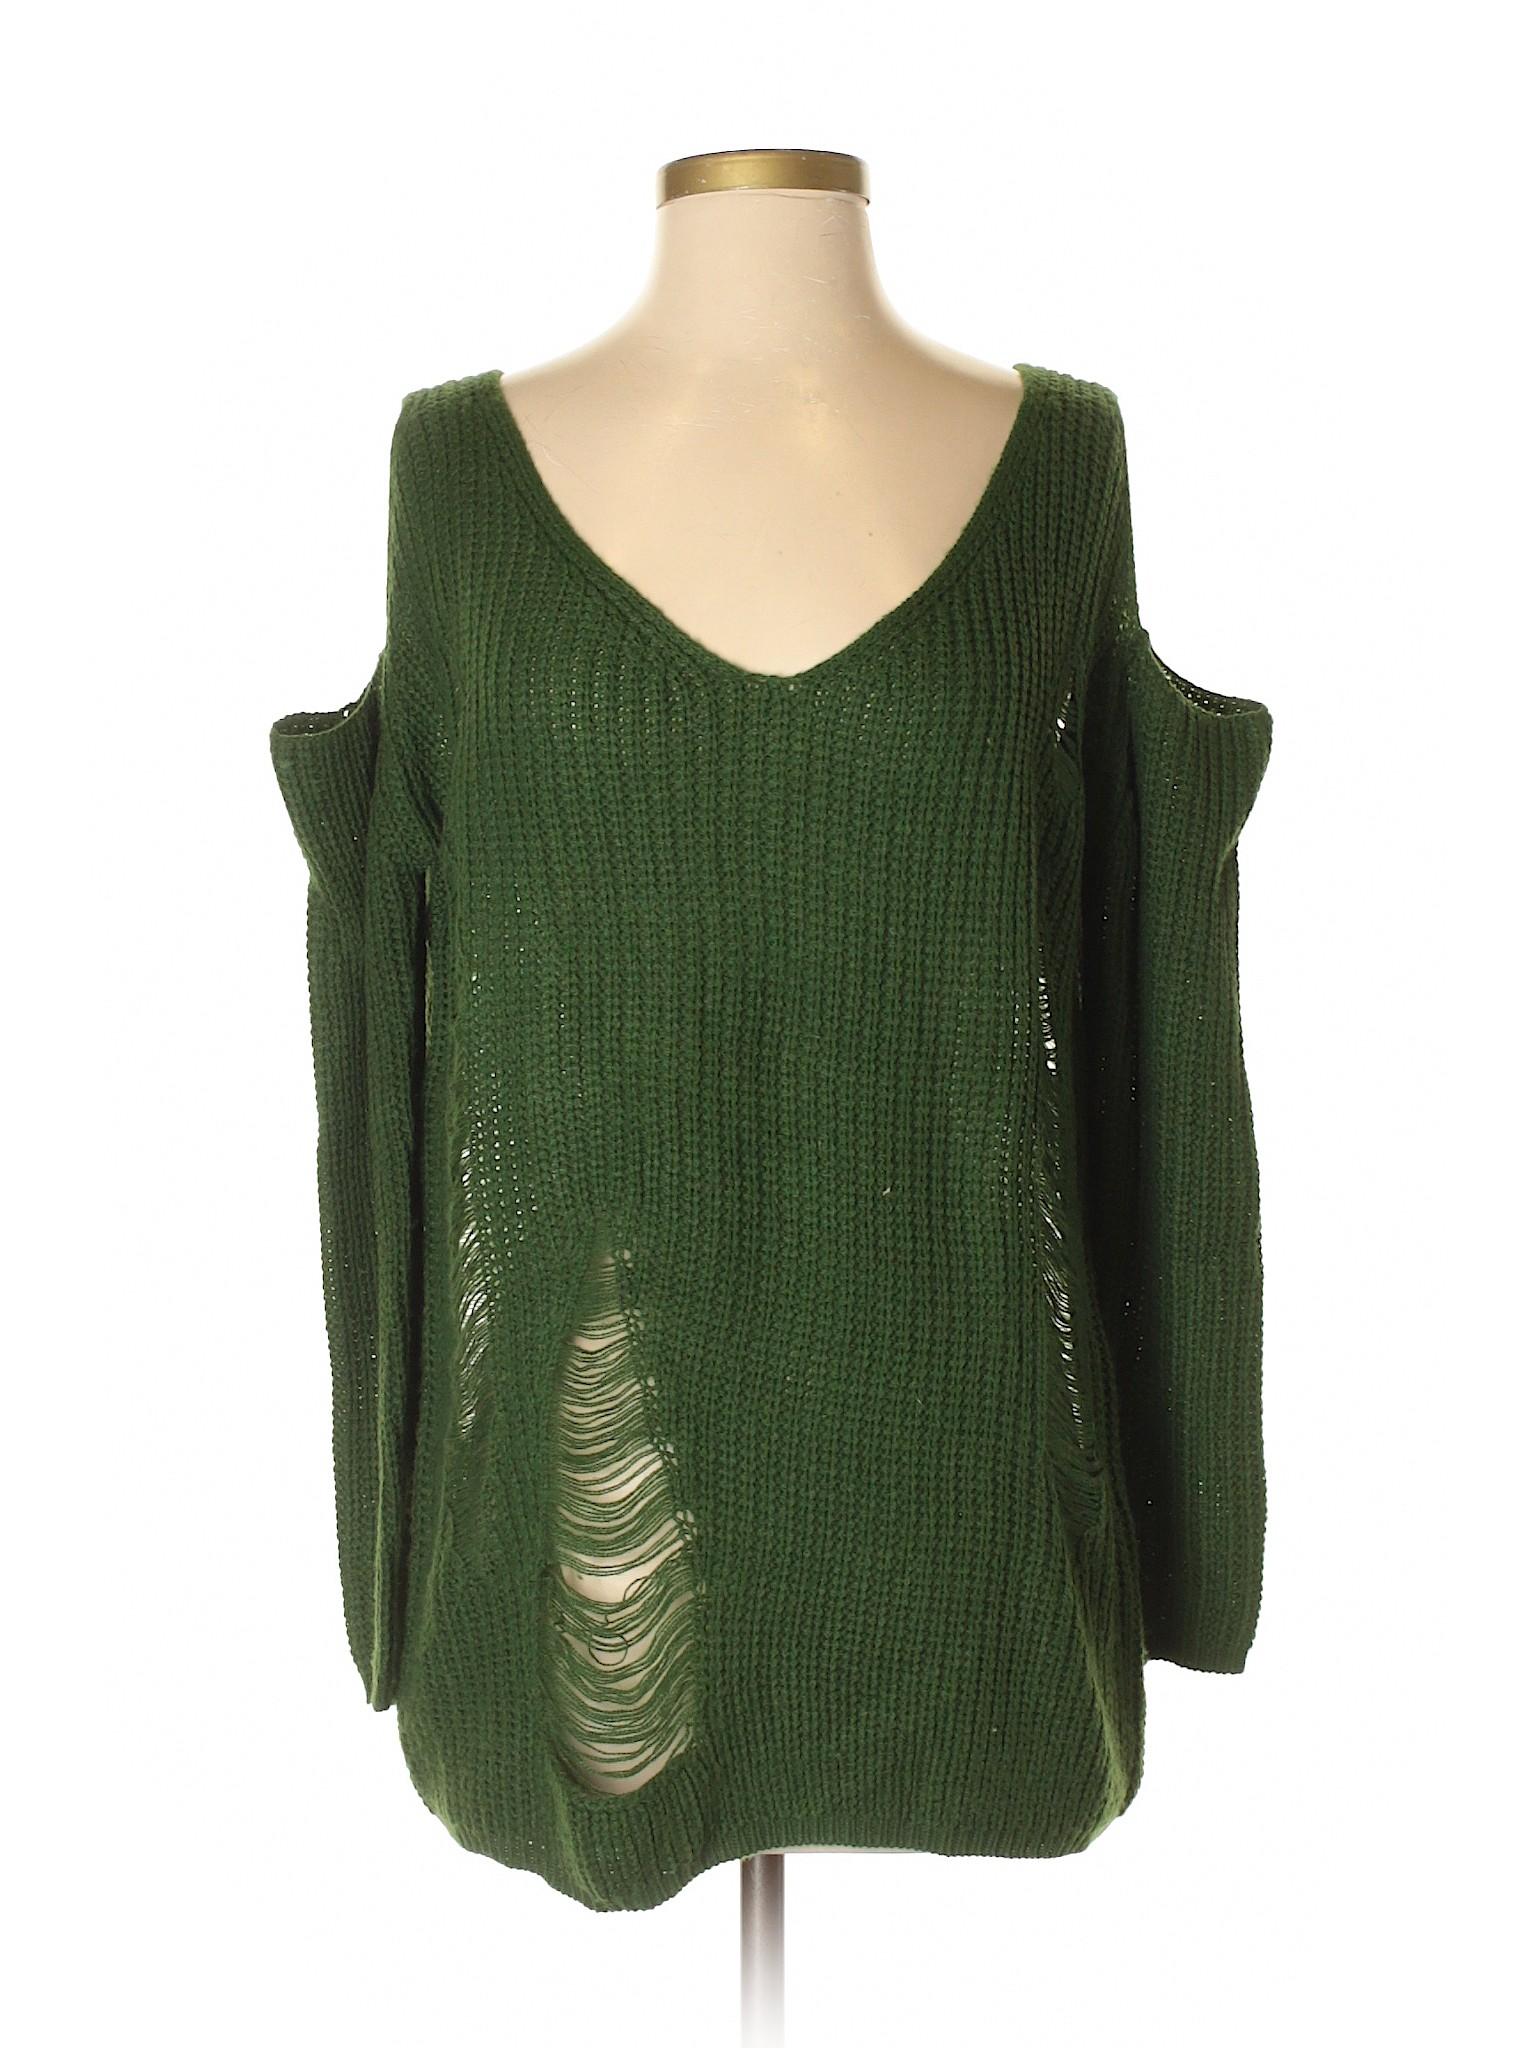 Boutique Unio Sweater Pullover Pullover Unio Boutique Unio Sweater Boutique Pullover Pullover Boutique Sweater Sweater Unio Boutique CwB8q8